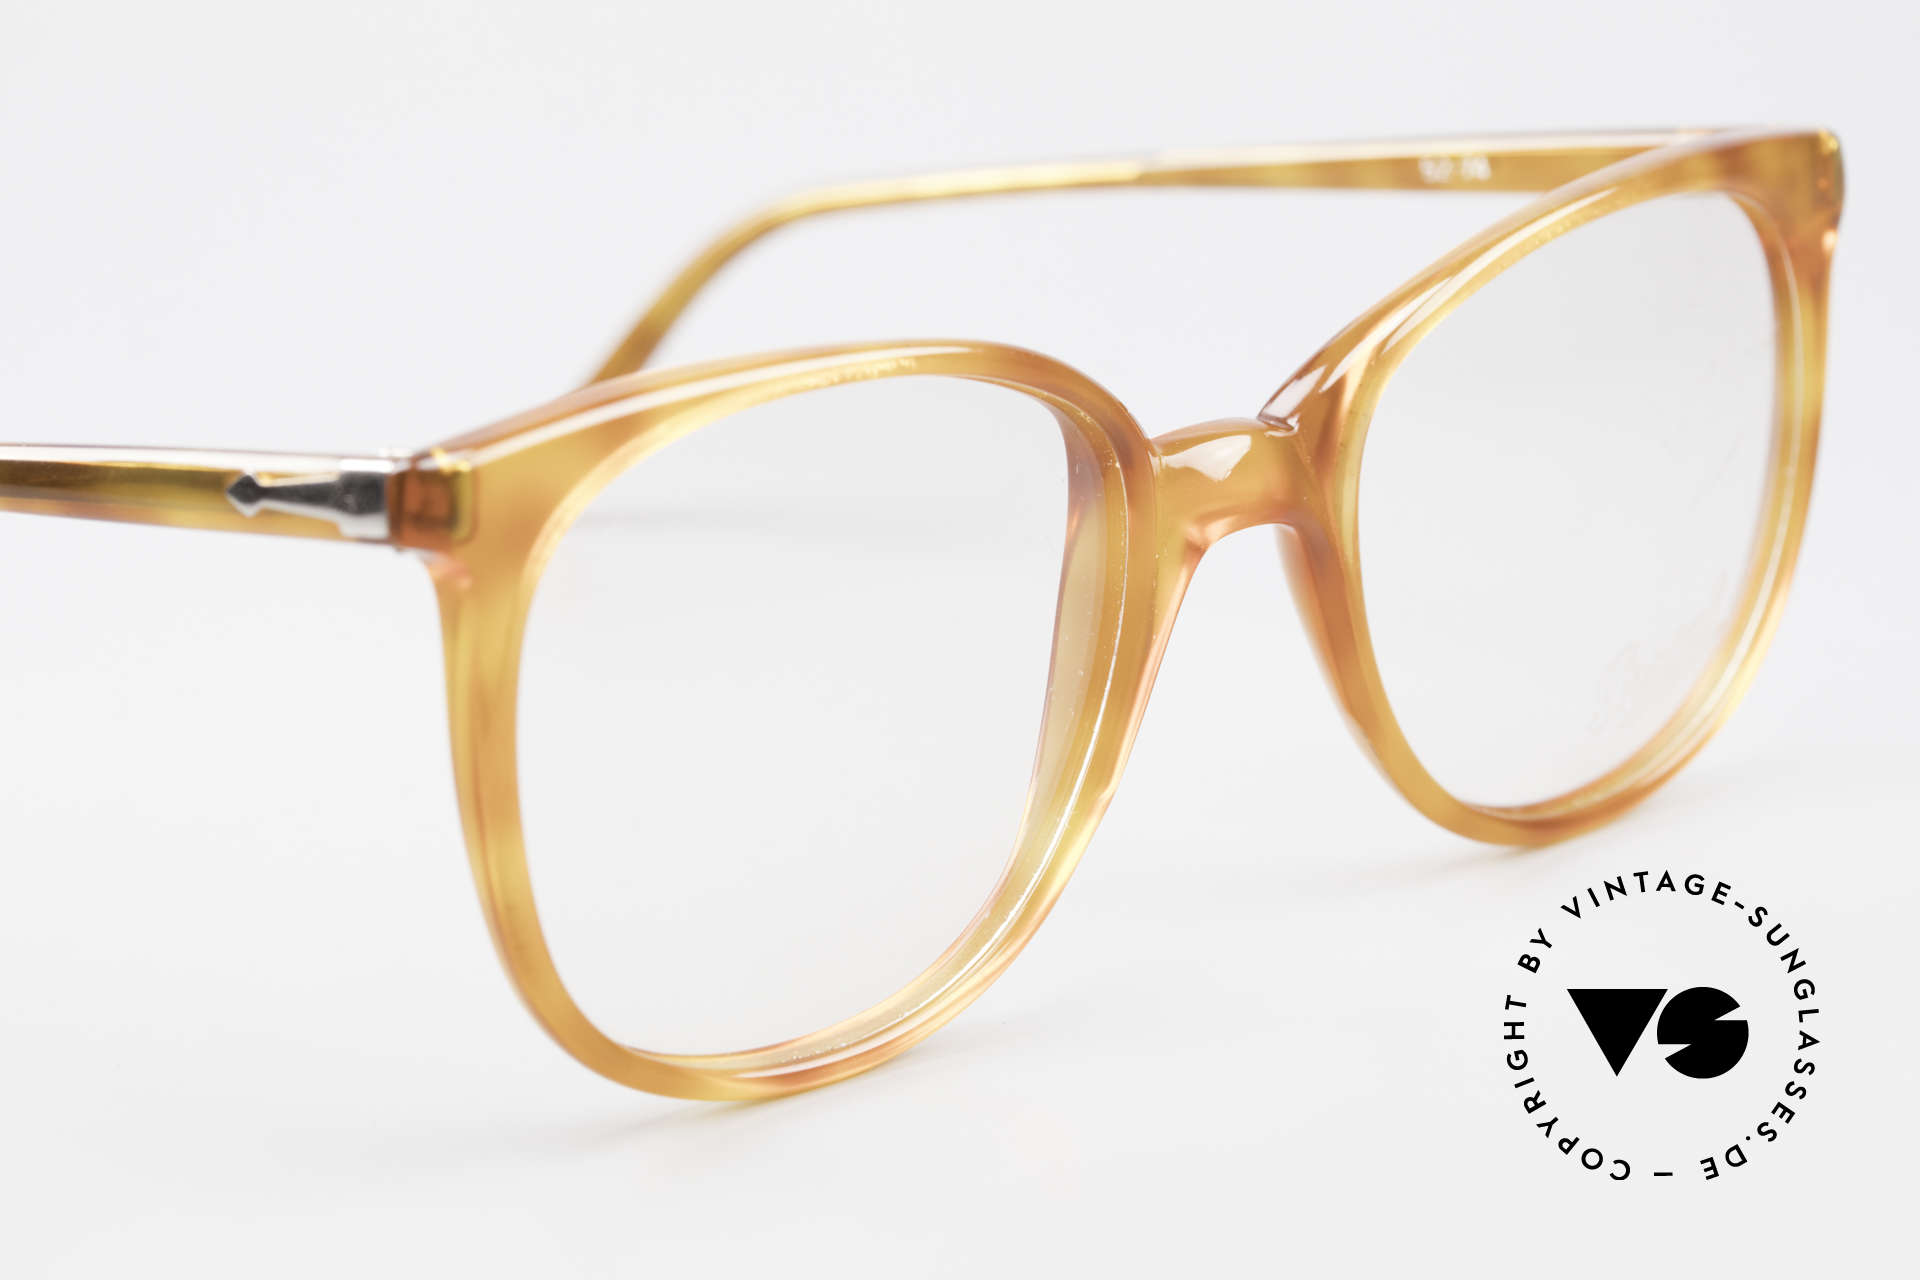 Persol 09181 Ratti Alte Vintage Brille Original, KEINE RETRObrille; ein 35 Jahre altes Original!, Passend für Herren und Damen